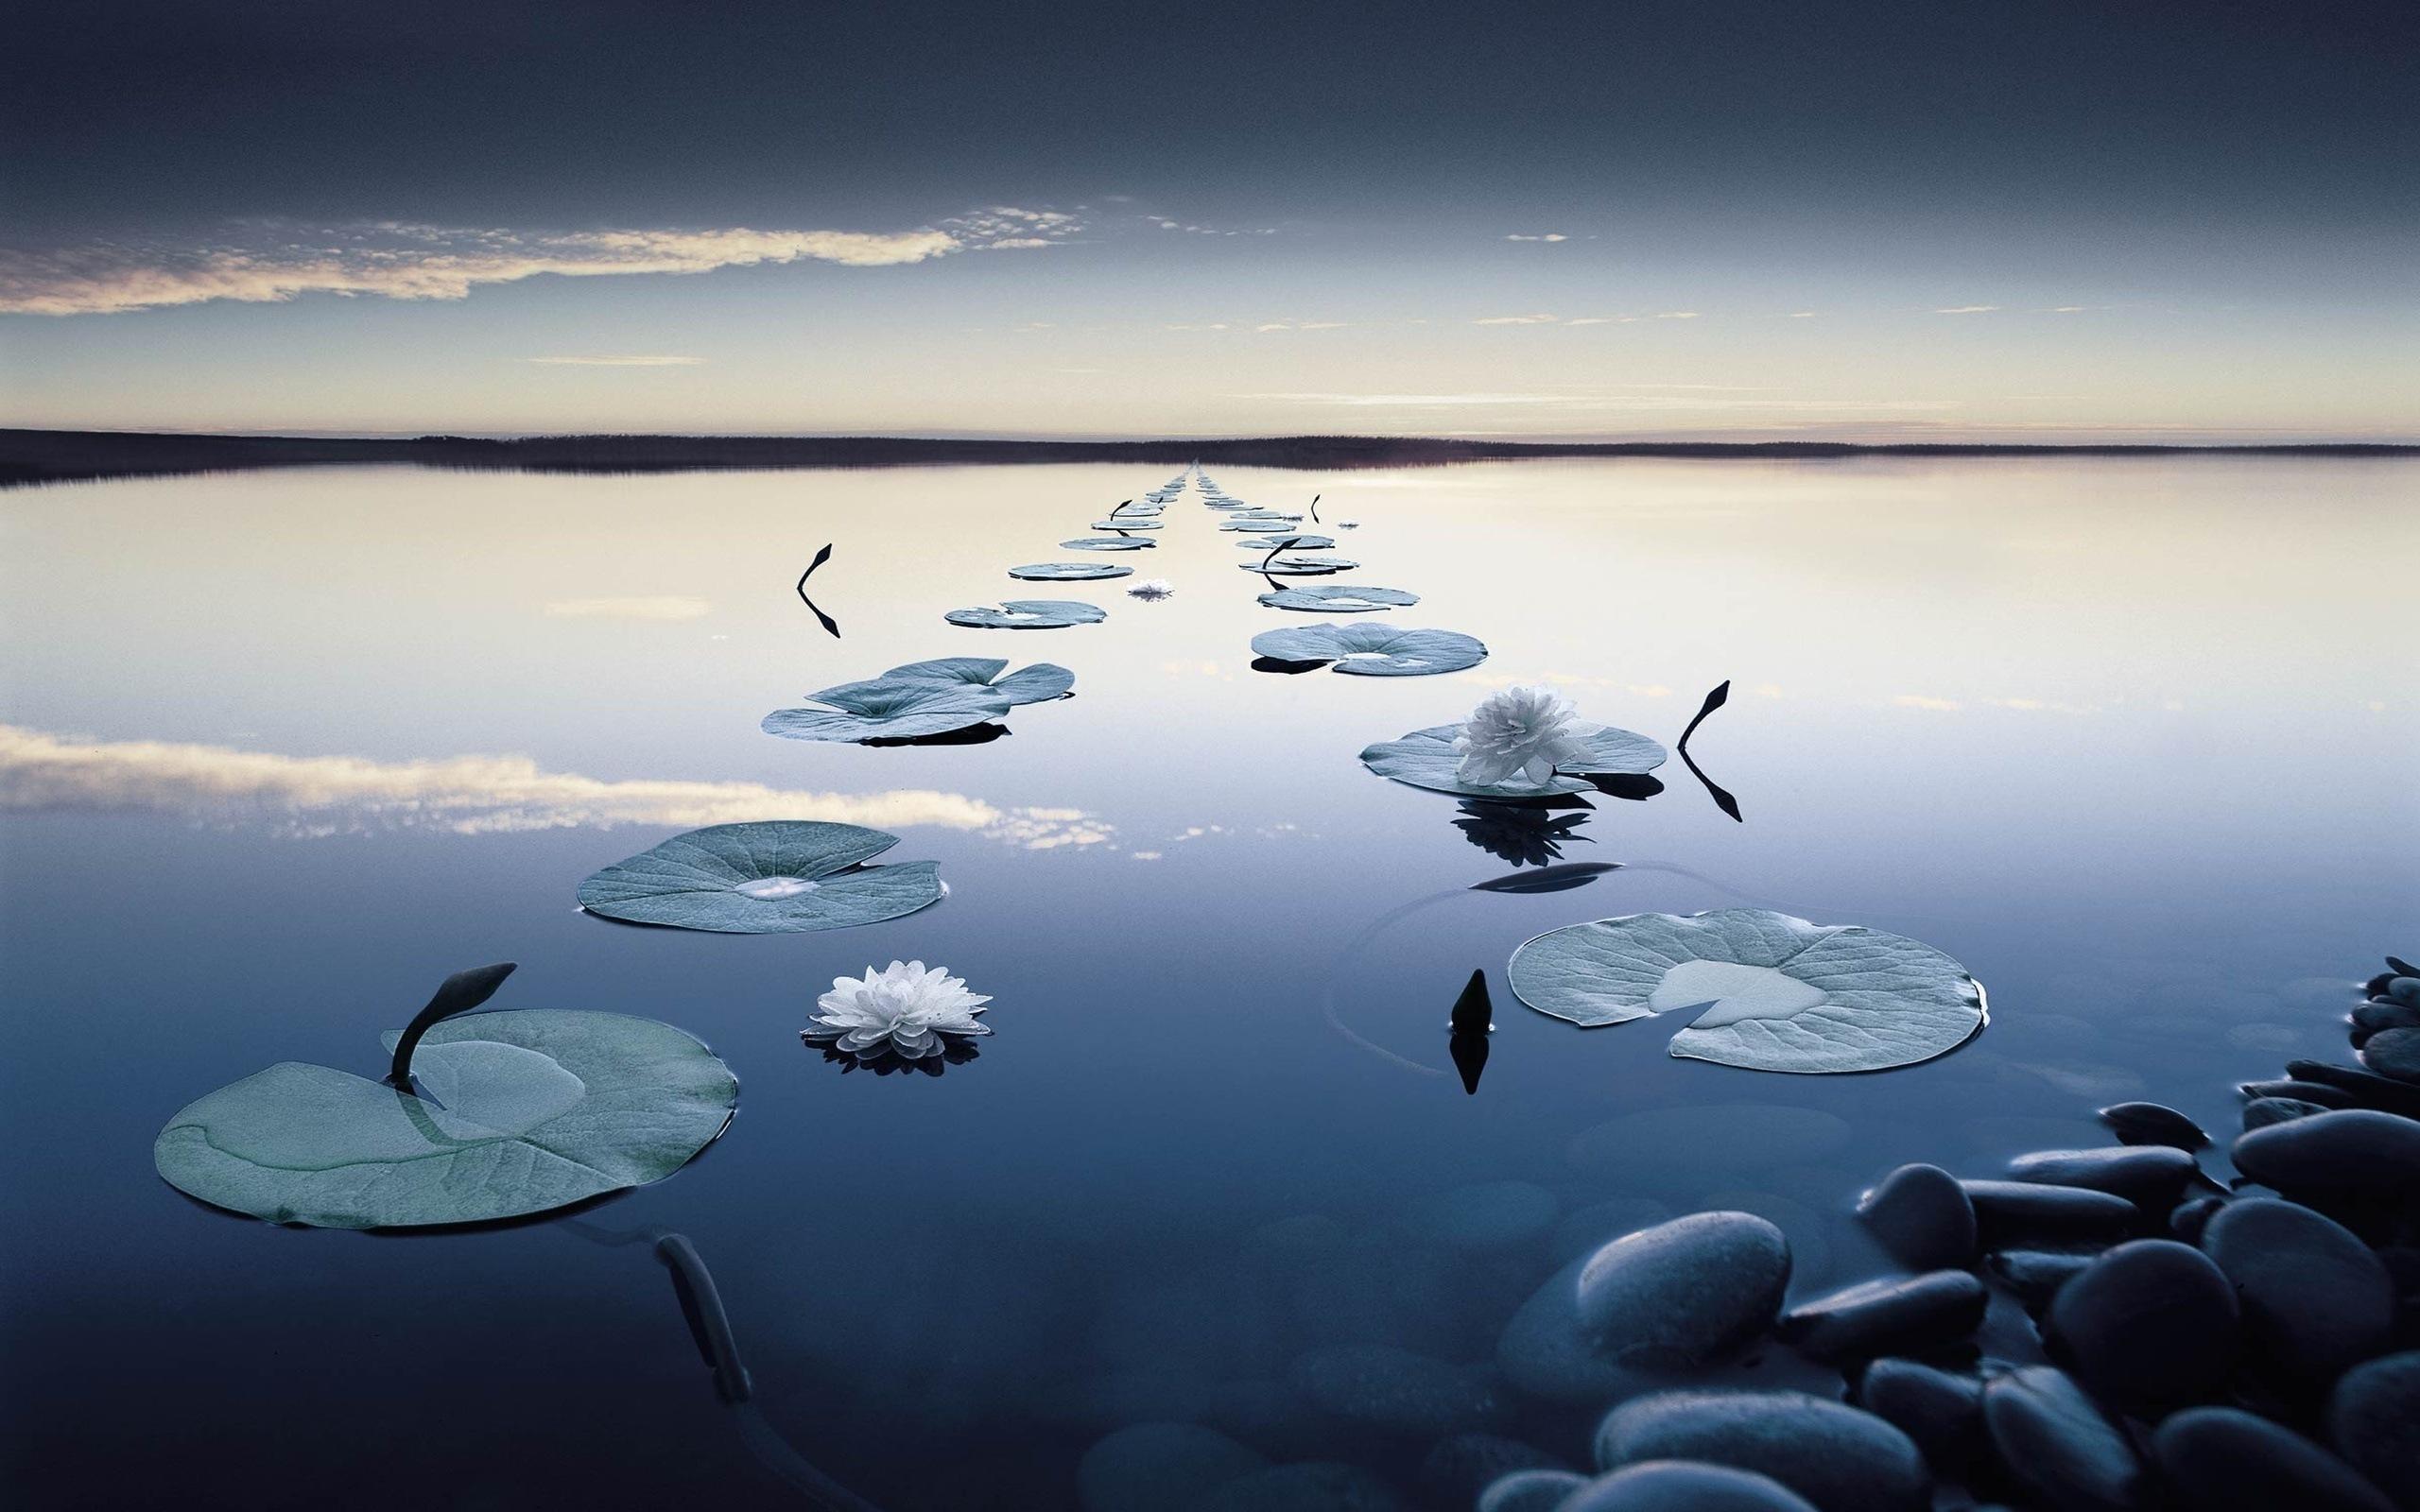 15856 скачать обои Пейзаж, Вода, Лилии, Озера - заставки и картинки бесплатно